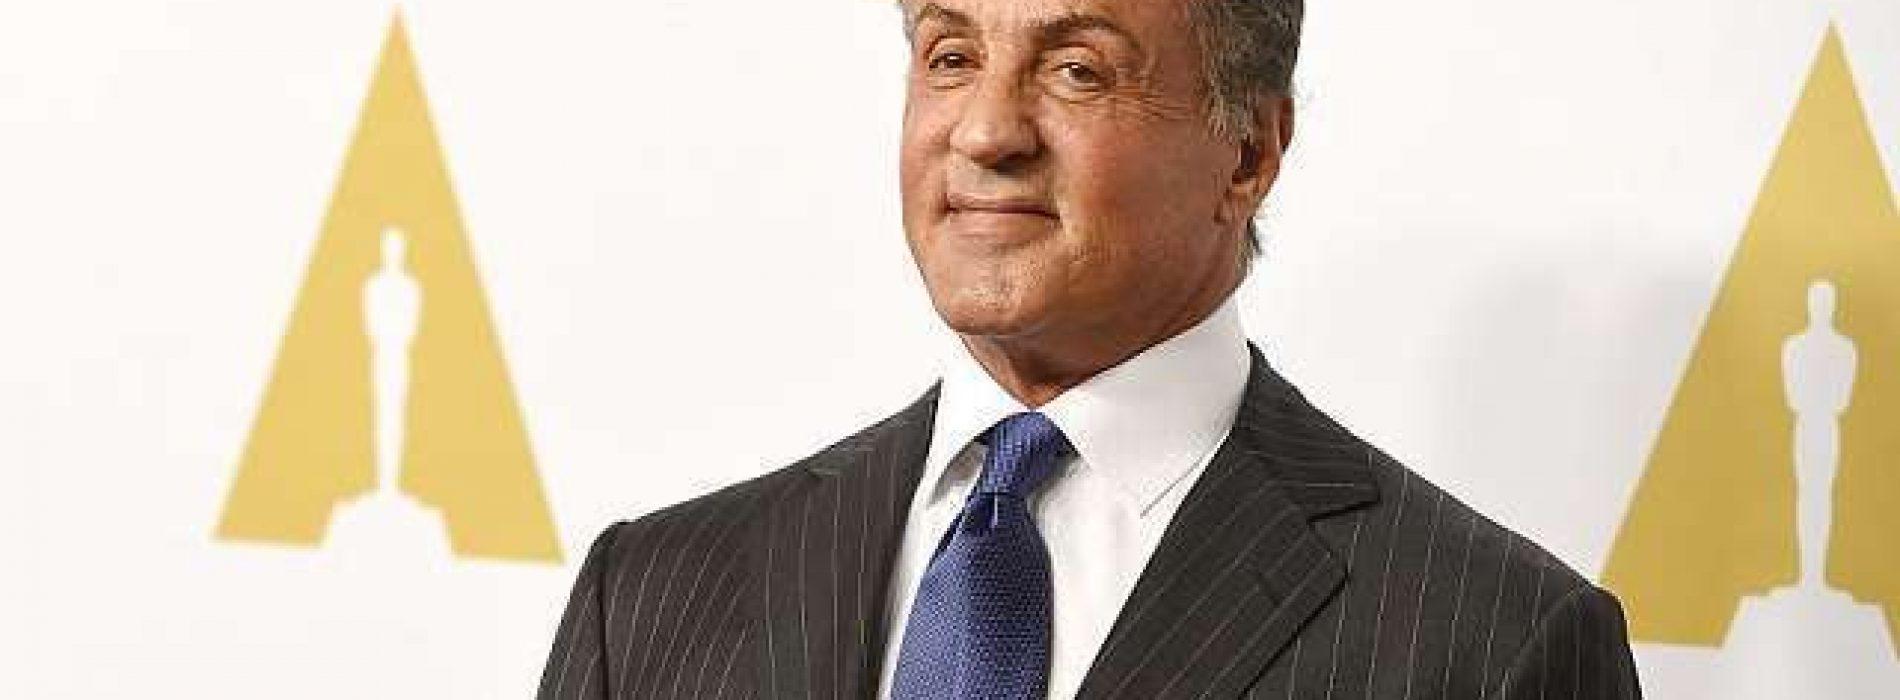 A sus 72 años Sylvester Stallone recupera su físico de 'Rambo'